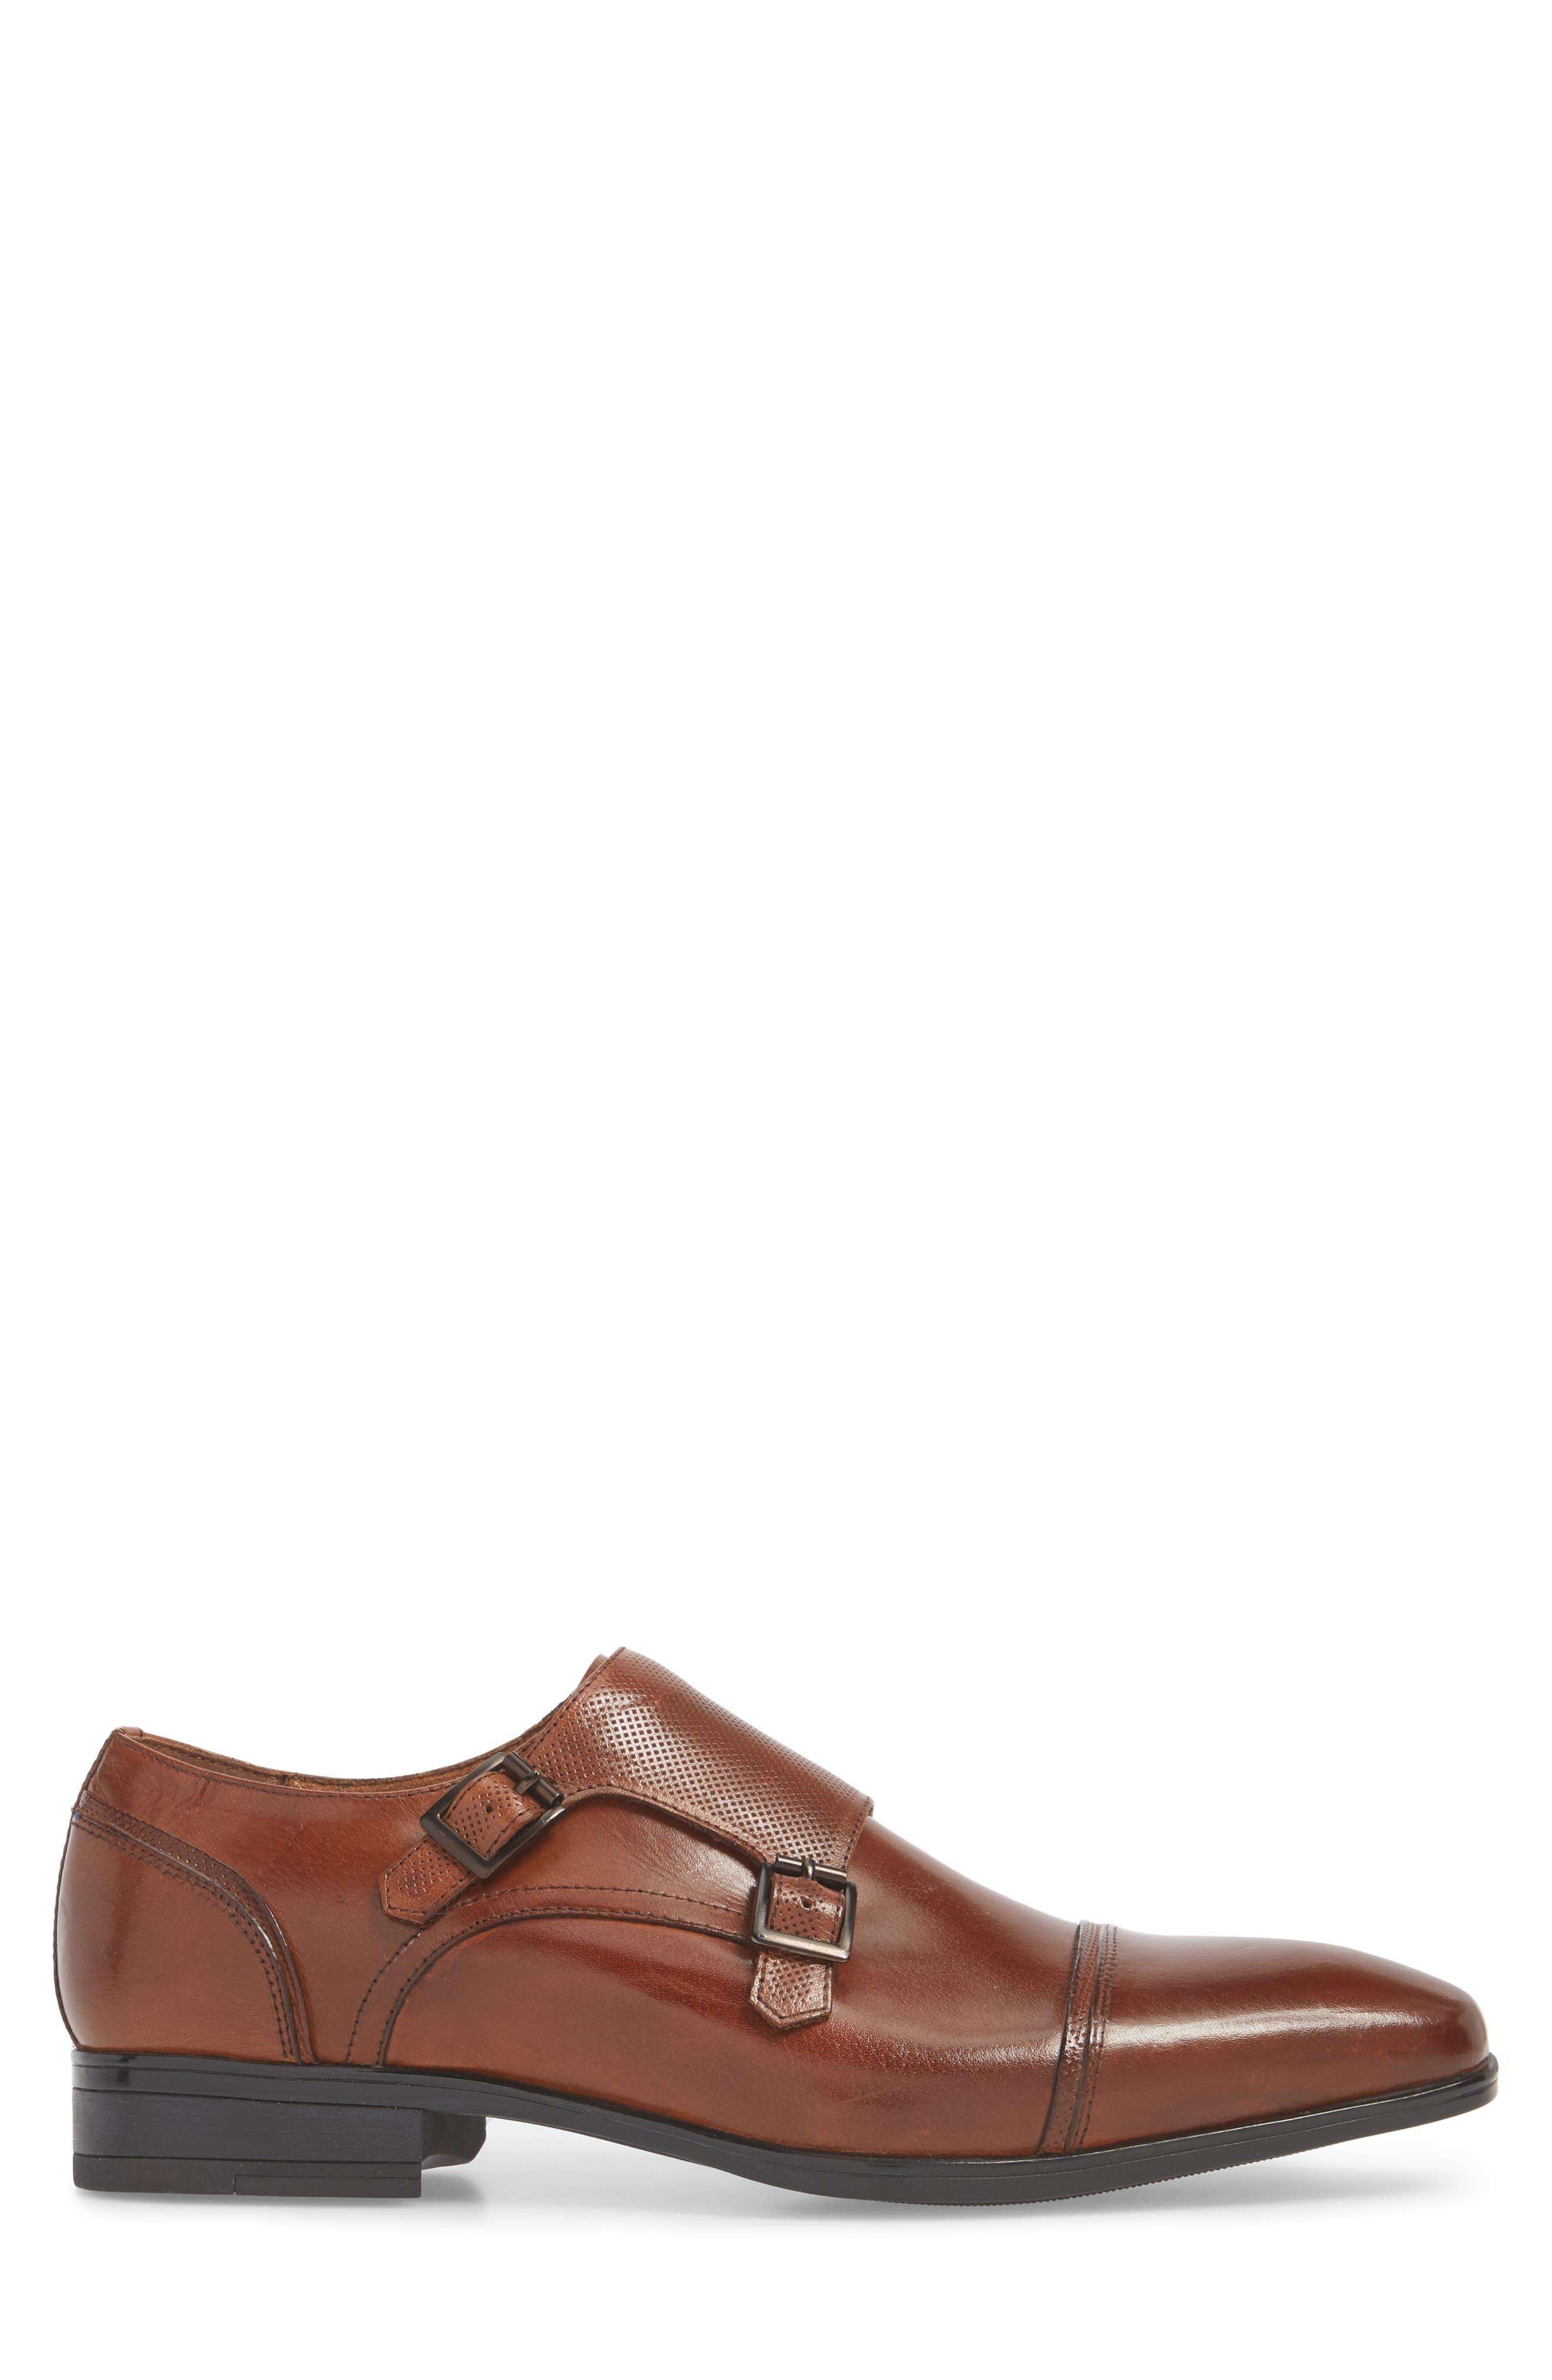 Oliver Cap Toe Monk Shoe,                             Alternate thumbnail 3, color,                             COGNAC LEATHER